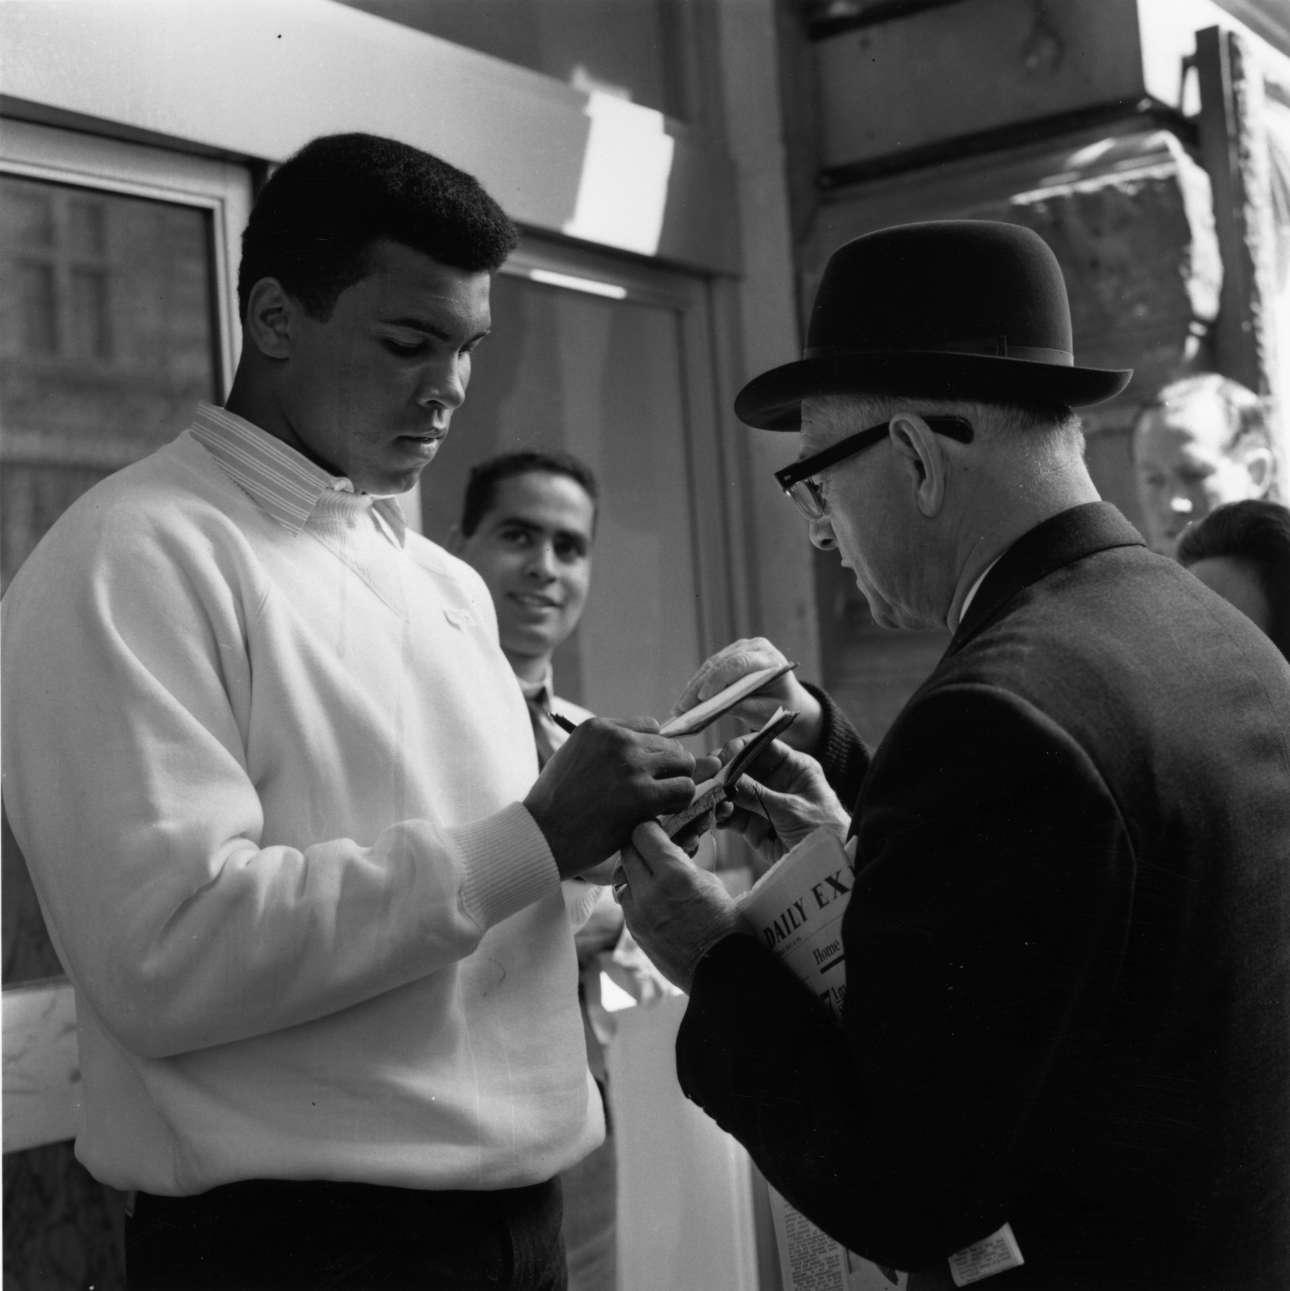 Το έτος είναι 1966, ο Αλι είναι ήδη παγκόσμιος πρωταθλητής. Ακόμα και οι πιο ηλικιωμένοι σπεύδουν να τον παρακαλέσουν για ένα αυτόγραφο